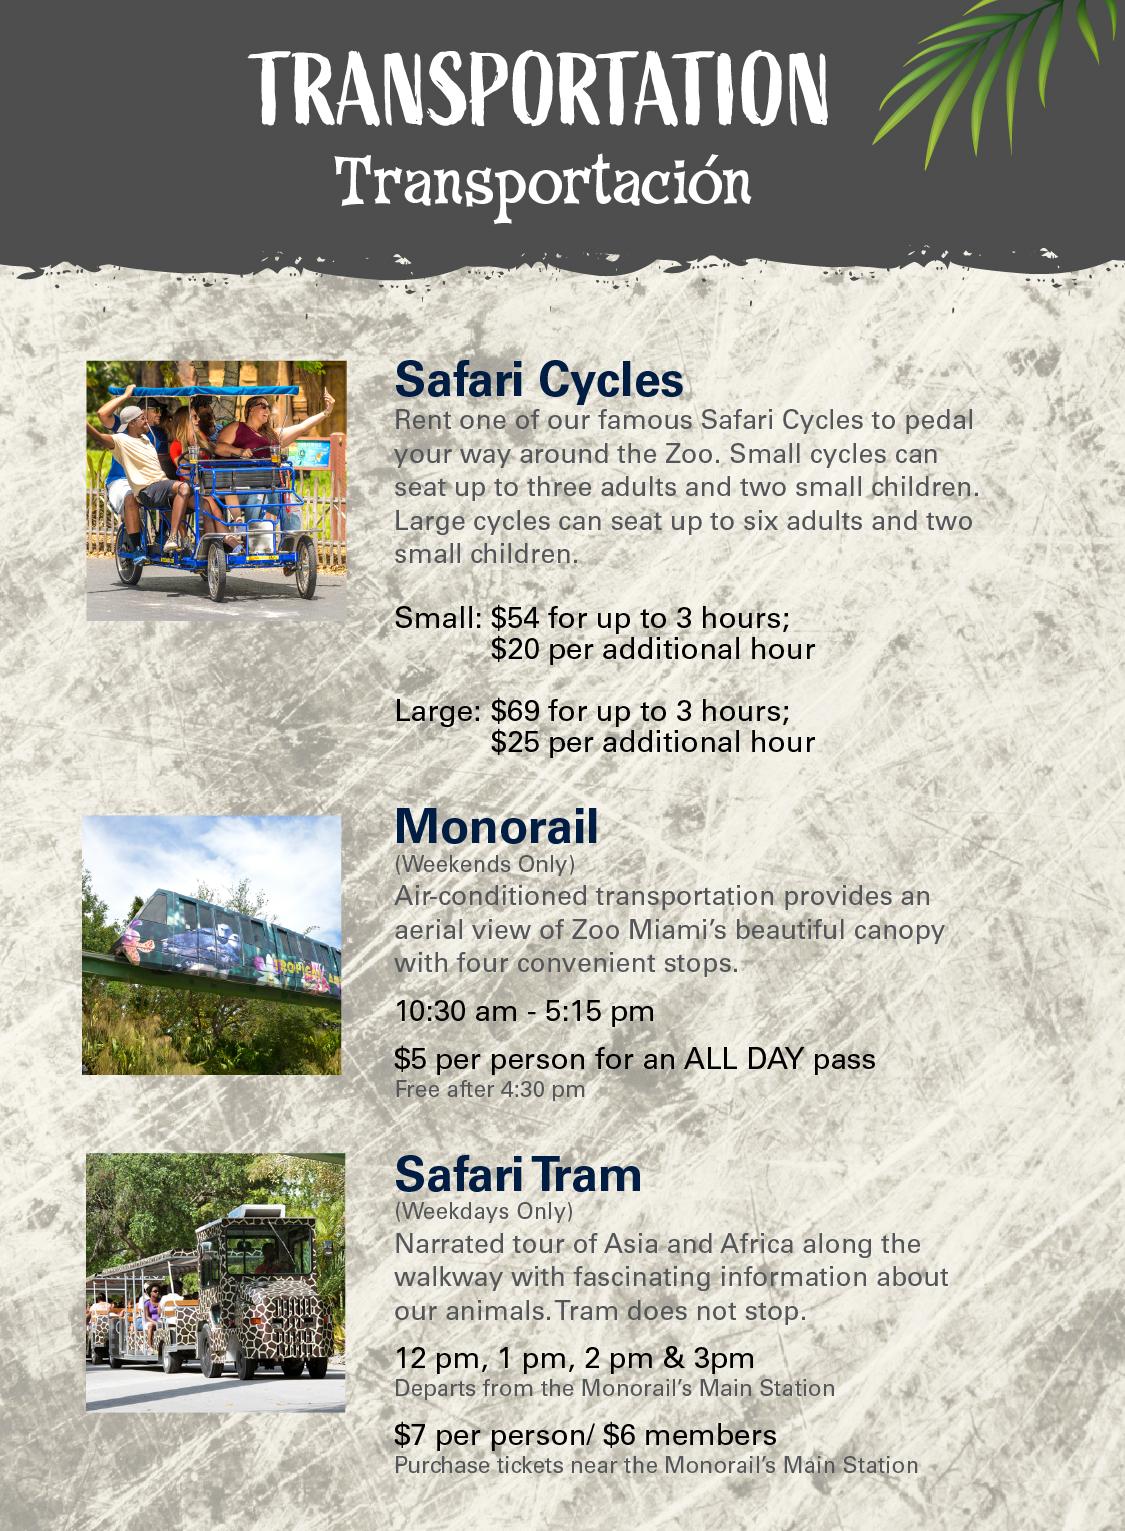 Transportation - Safari Cycles, Safari Tram & Monorail Images